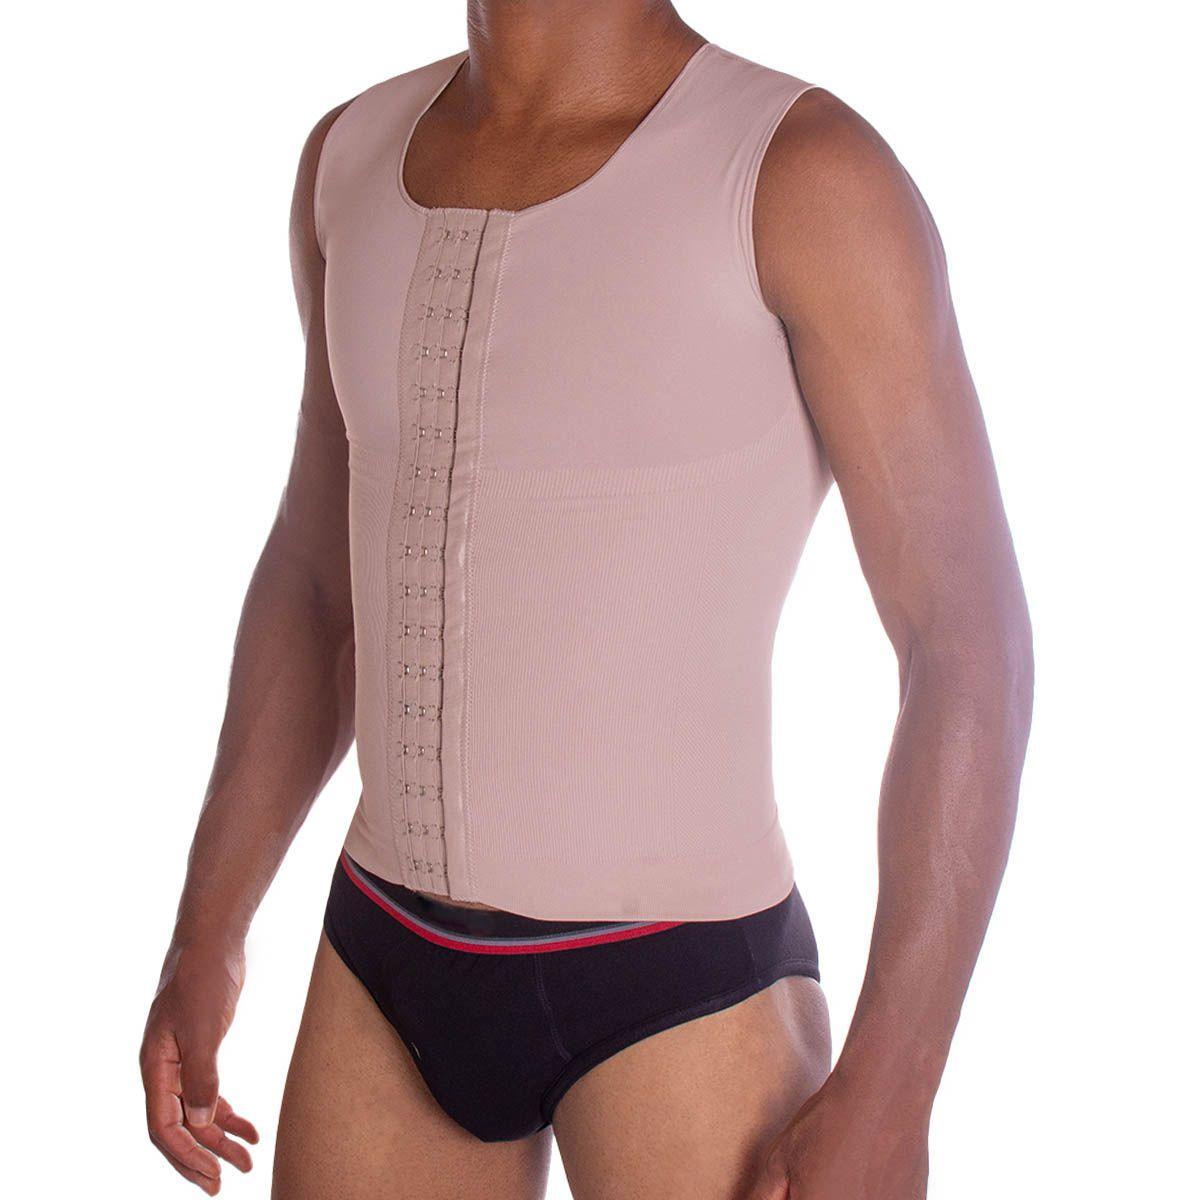 Cinta modeladora masculina slim compressão melhora postura colete Pliè